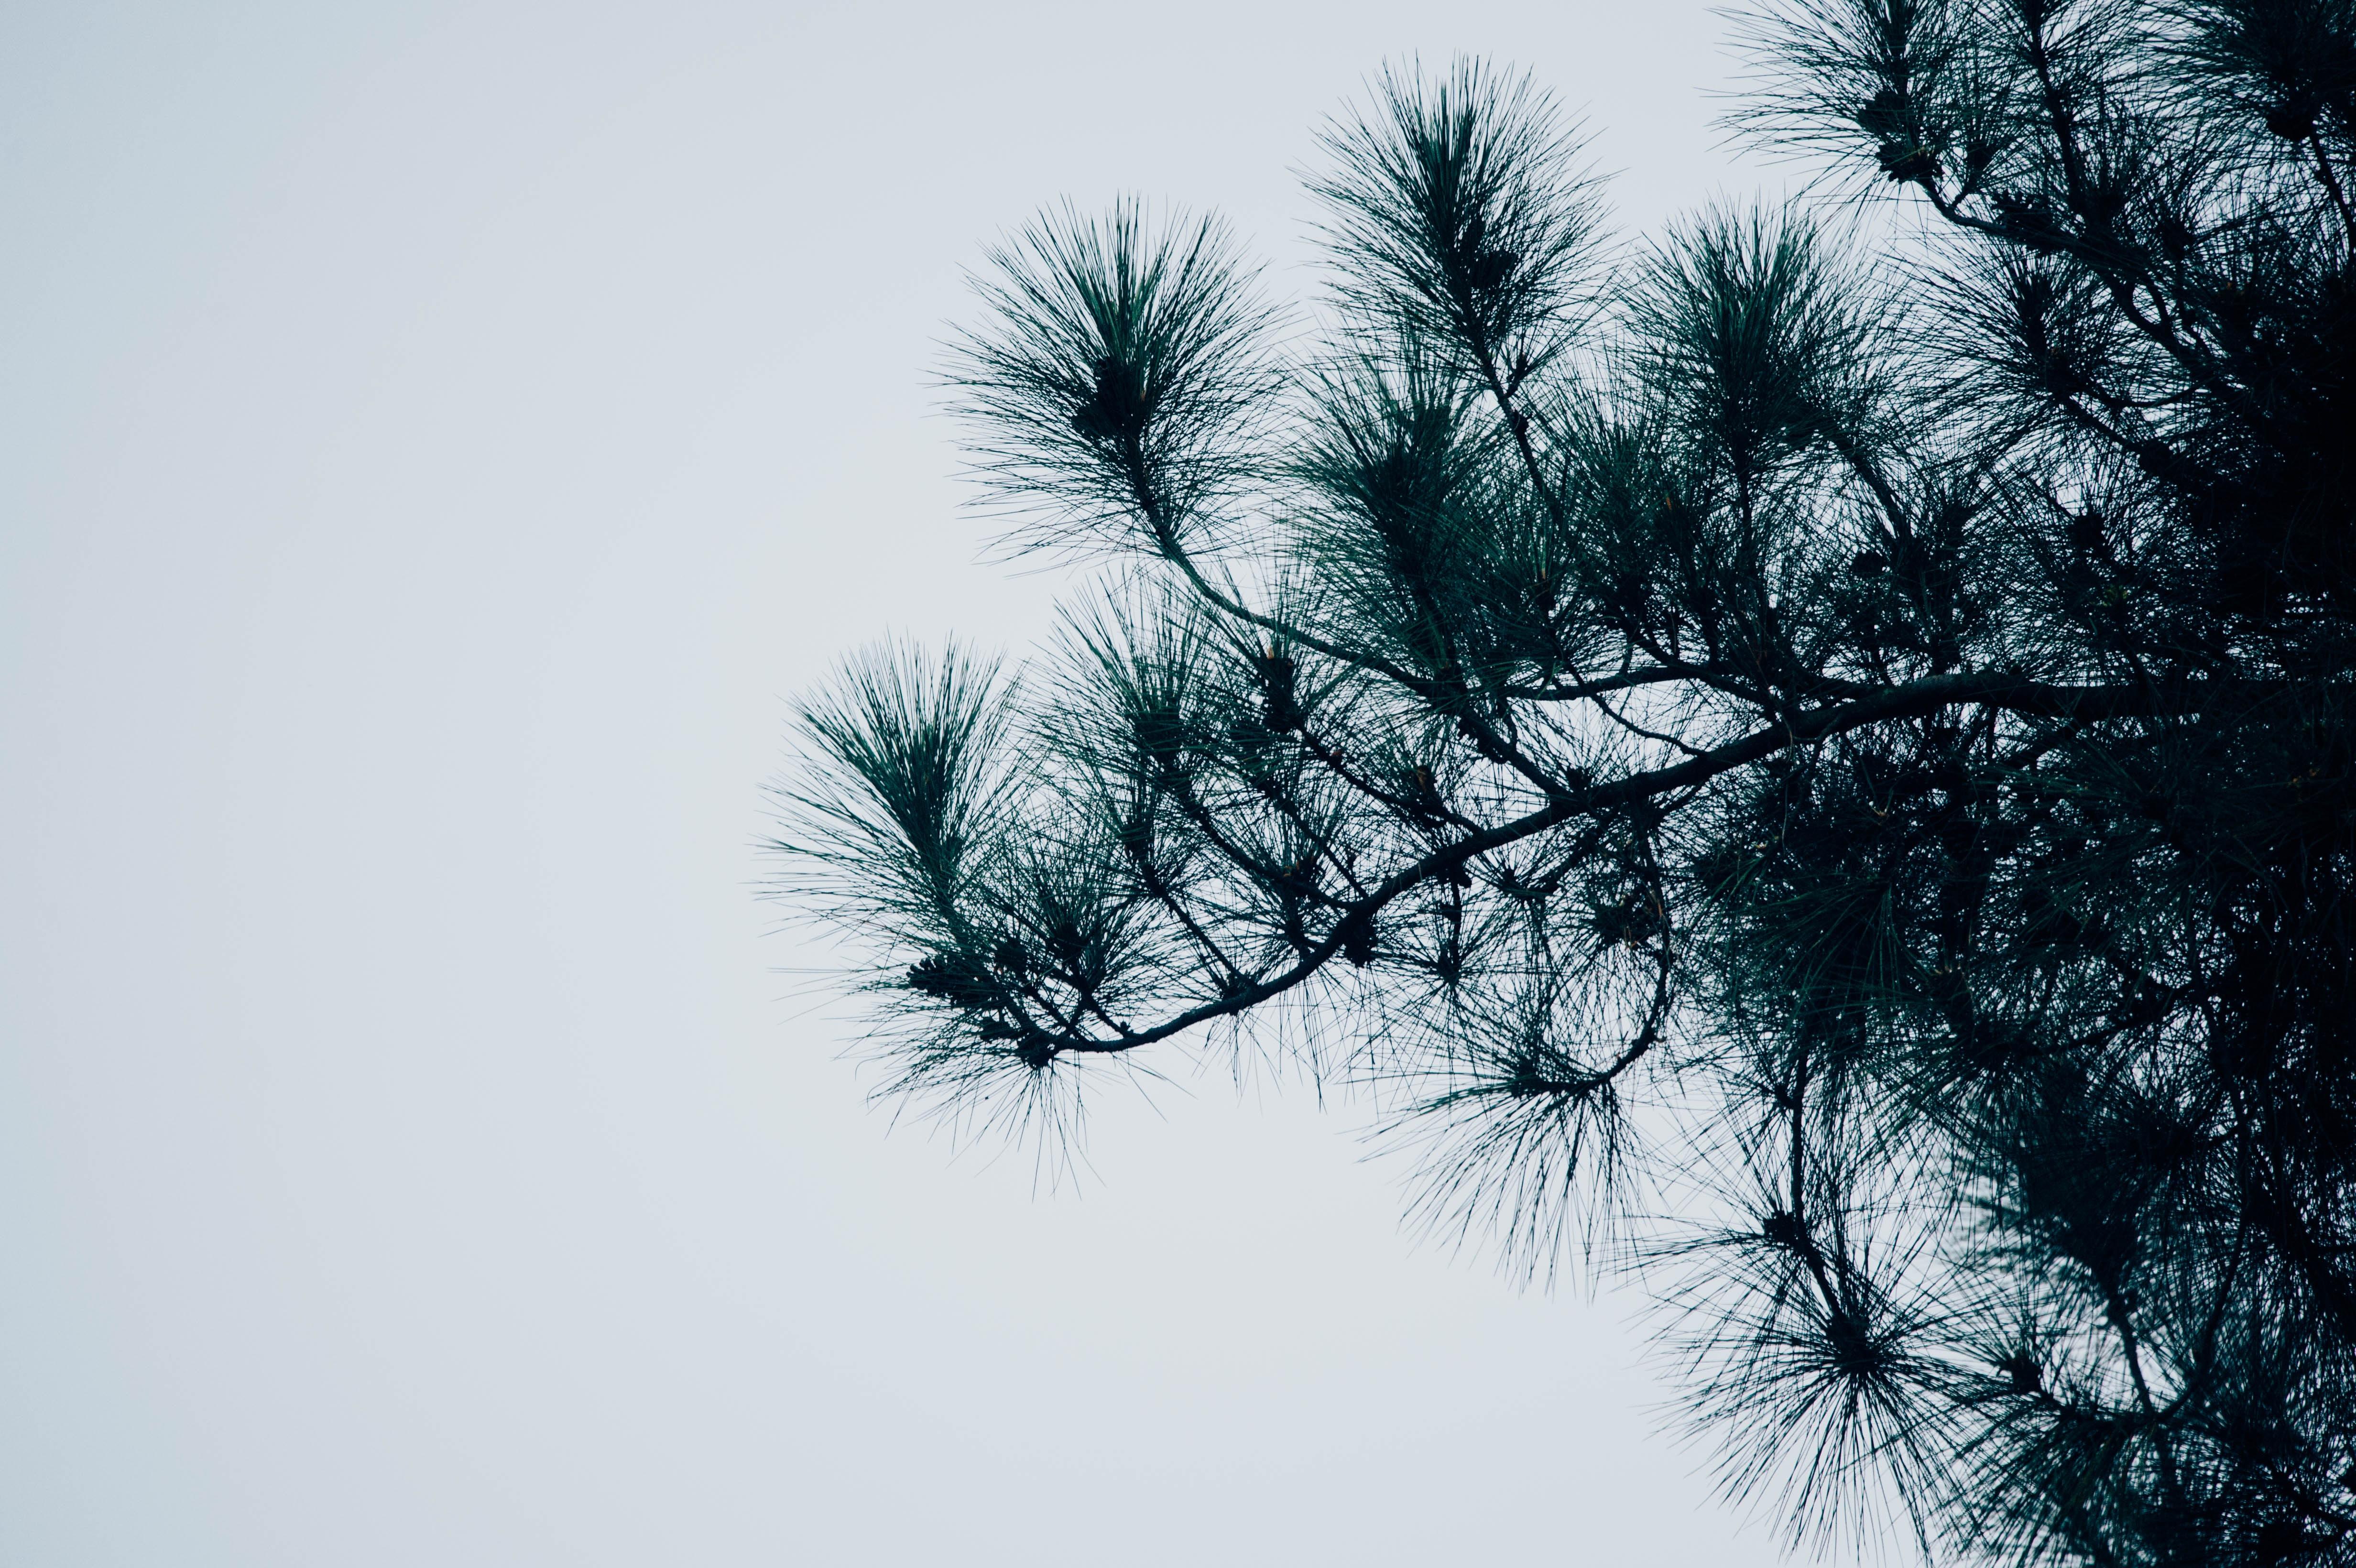 photo of fir tree